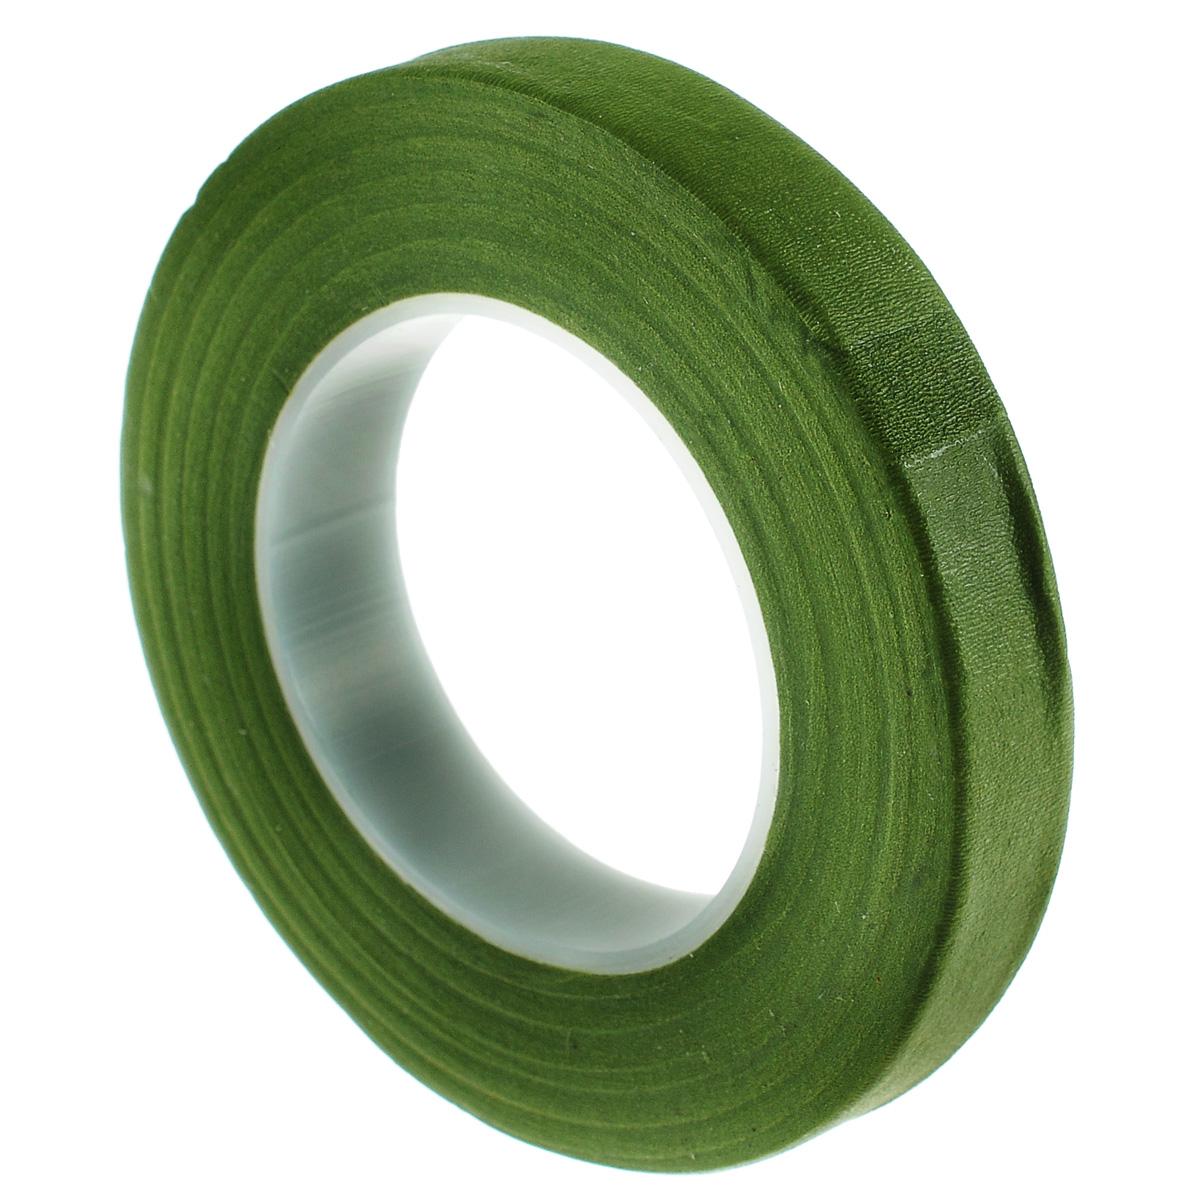 Лента флористическая Hobby Time, цвет: зеленый, ширина 12,7 мм, длина 28 мK100Флористическая лента Hobby Time - это тонкая эластичная лента в катушке с легким клеящим эффектом. Она липкая, тонкая, легкая, водонепроницаемая, хорошо растягивается. Лента бывает широкой и узкой. Широкая лента в основном используется для крепления к сосуду флористической губки, узкой лентой также иногда перекрещивается отверстие широкогорлового сосуда для закрепления растений. Флористическая лента может использоваться в квиллинге при изготовлении цветов на проволоке, конфетных деревьев, украшений из бисера, различного декора. В основном лента применяется для декорирования проволоки в букетах в соответствии с цветом букета. При намотке флористическую ленту необходимо немного натягивать, чтобы она лучше прилипала к стеблю цветка.Особенности флористической ленты: - Легко разглаживается и плотно прилегает к поверхности,- Принимает любую форму,- Позволяет продлить свежесть цветка, поэтому необходима при создании свадебных букетов и других аксессуаров из цветов,- Лентой можно загрунтовать гладкую поверхность перед закреплением на ней флористической композиции, чтобы фиксация последней была устойчивой. Ширина ленты: 12,7 мм.Длина ленты: 28 м.